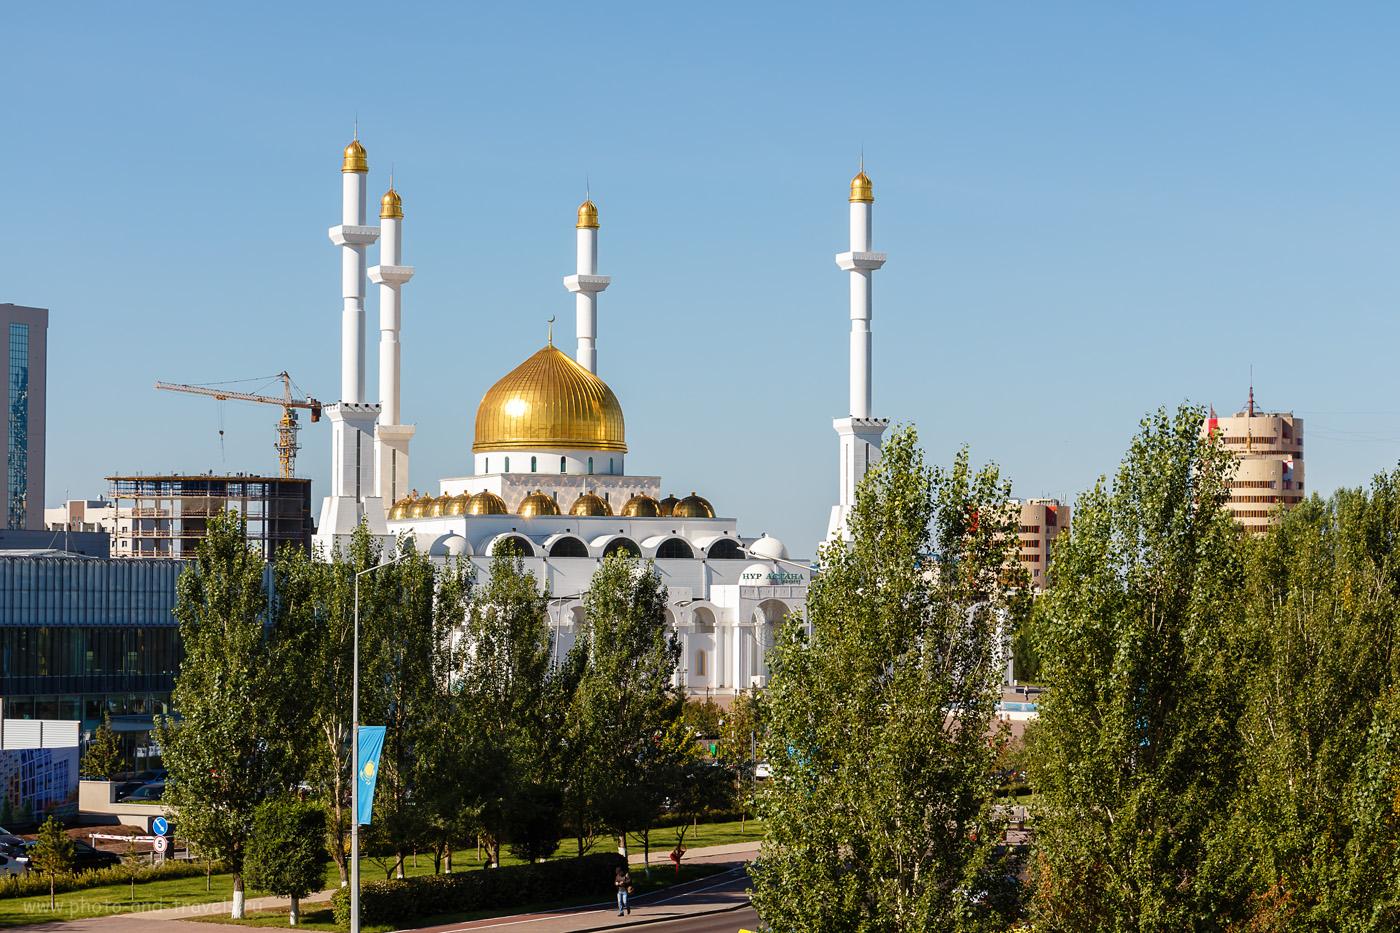 Фото 6. Вид на мечеть «Нур Астана» от ЖК «Северное сияние». Отзывы о поездке в Казахстан на машине. 1/320, +0.3, 8, 100, 50.